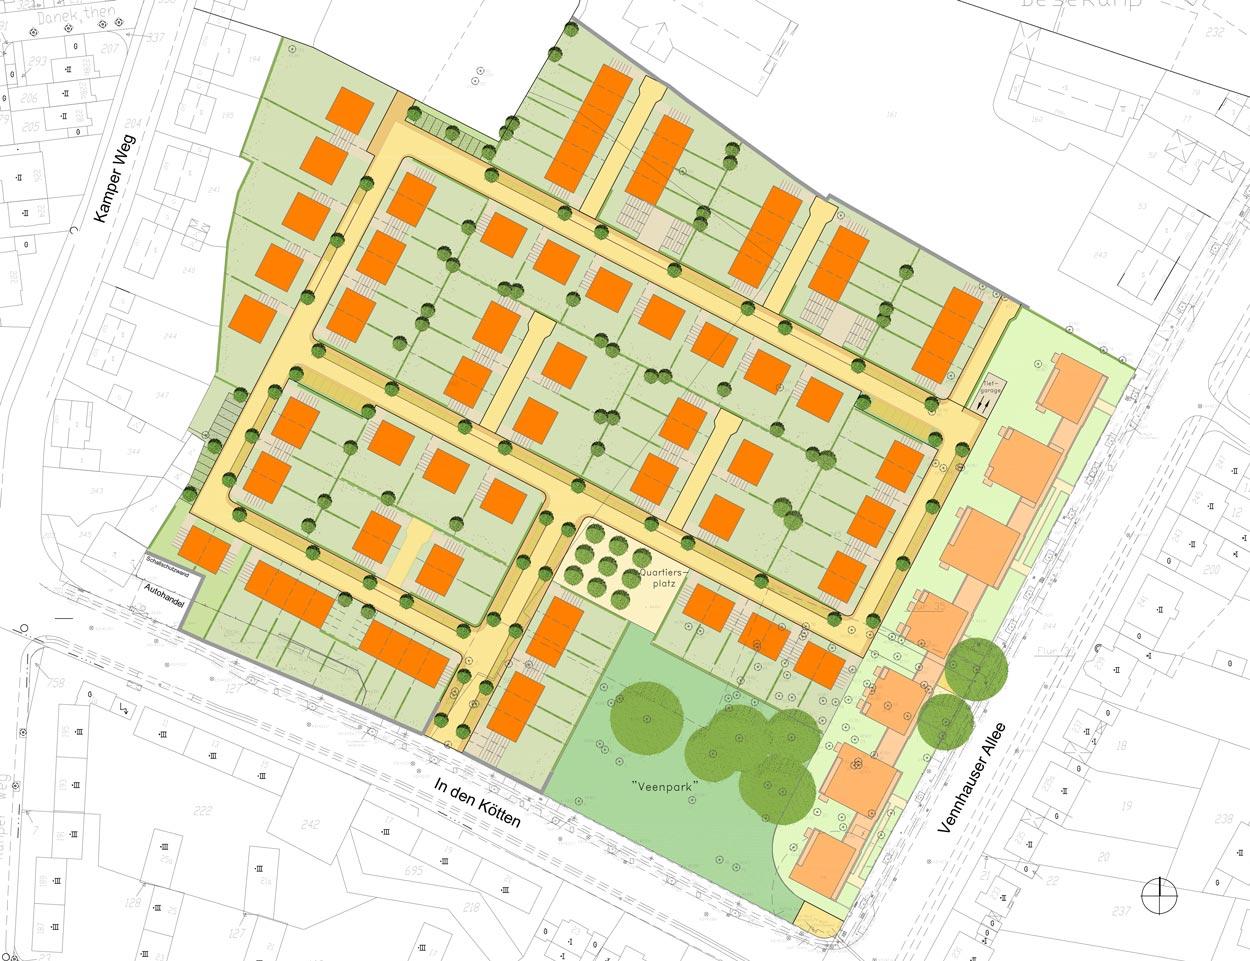 STB Konzept Wohngebiet Veenpark Düsseldorf-Vennhausen Planquadrat Dortmund